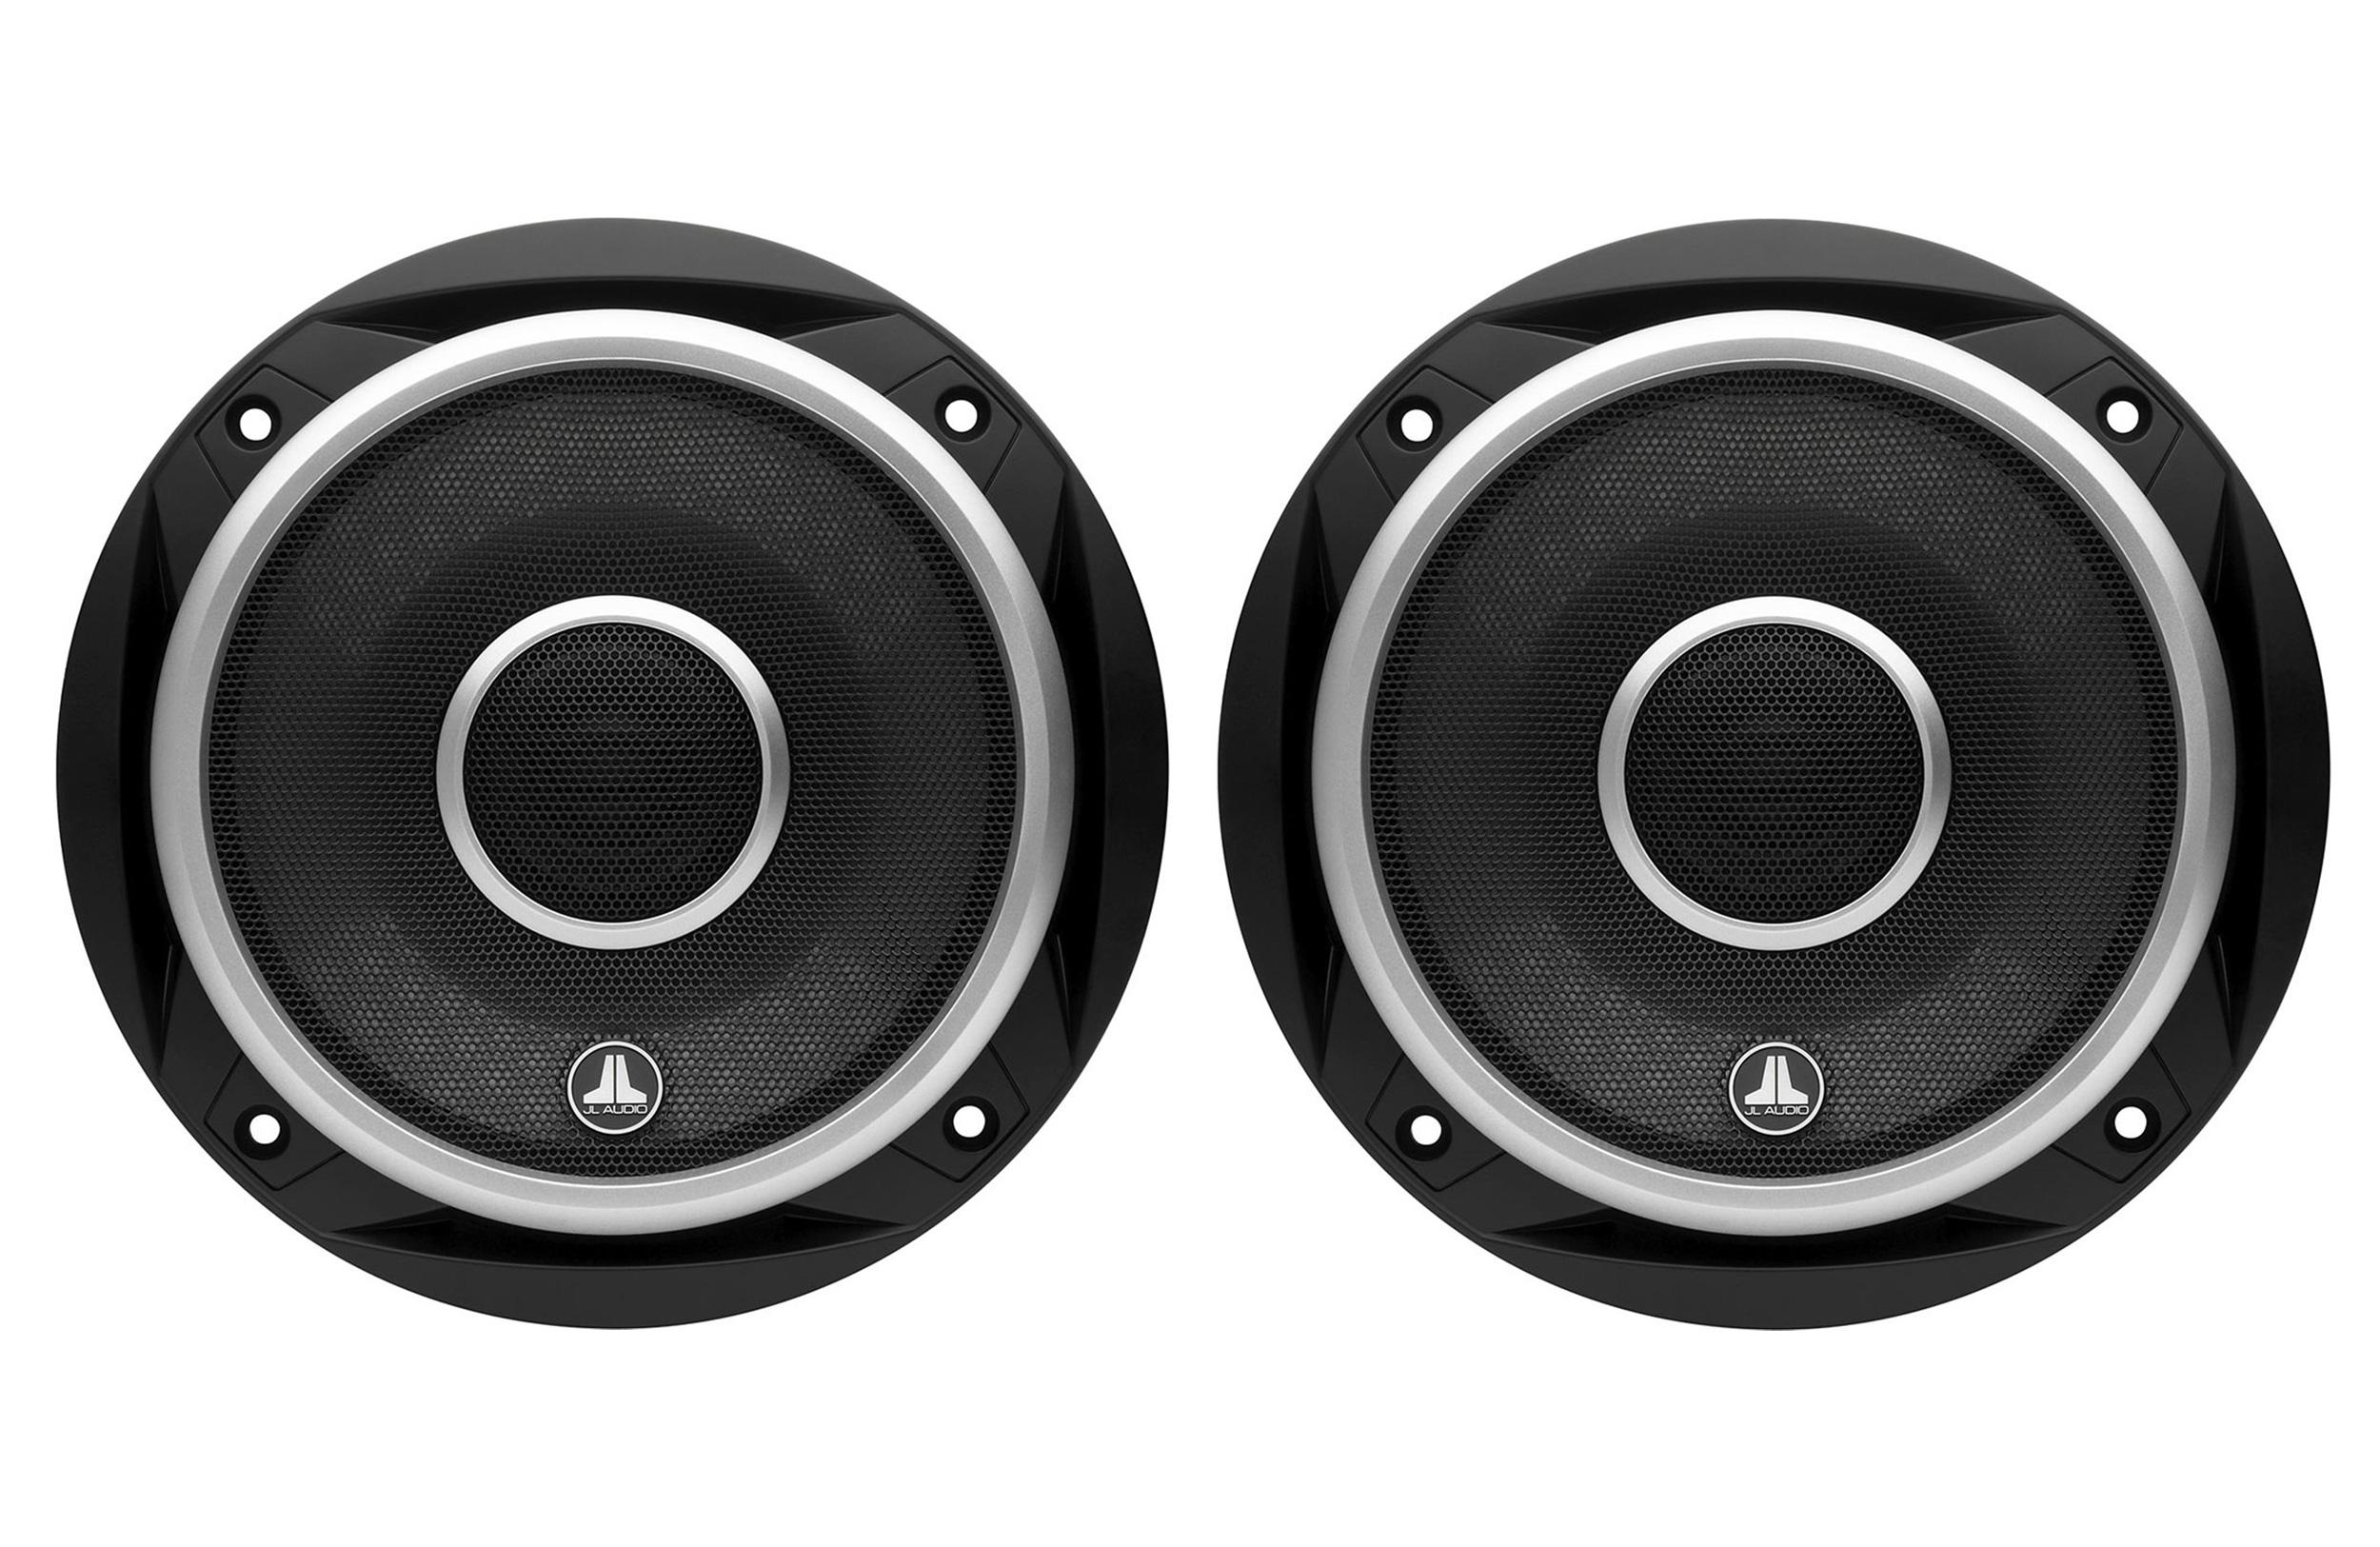 JL Audio C2-650x C2 Series 6-1/2inch 225 Watts Peak Power Coaxial Speakers